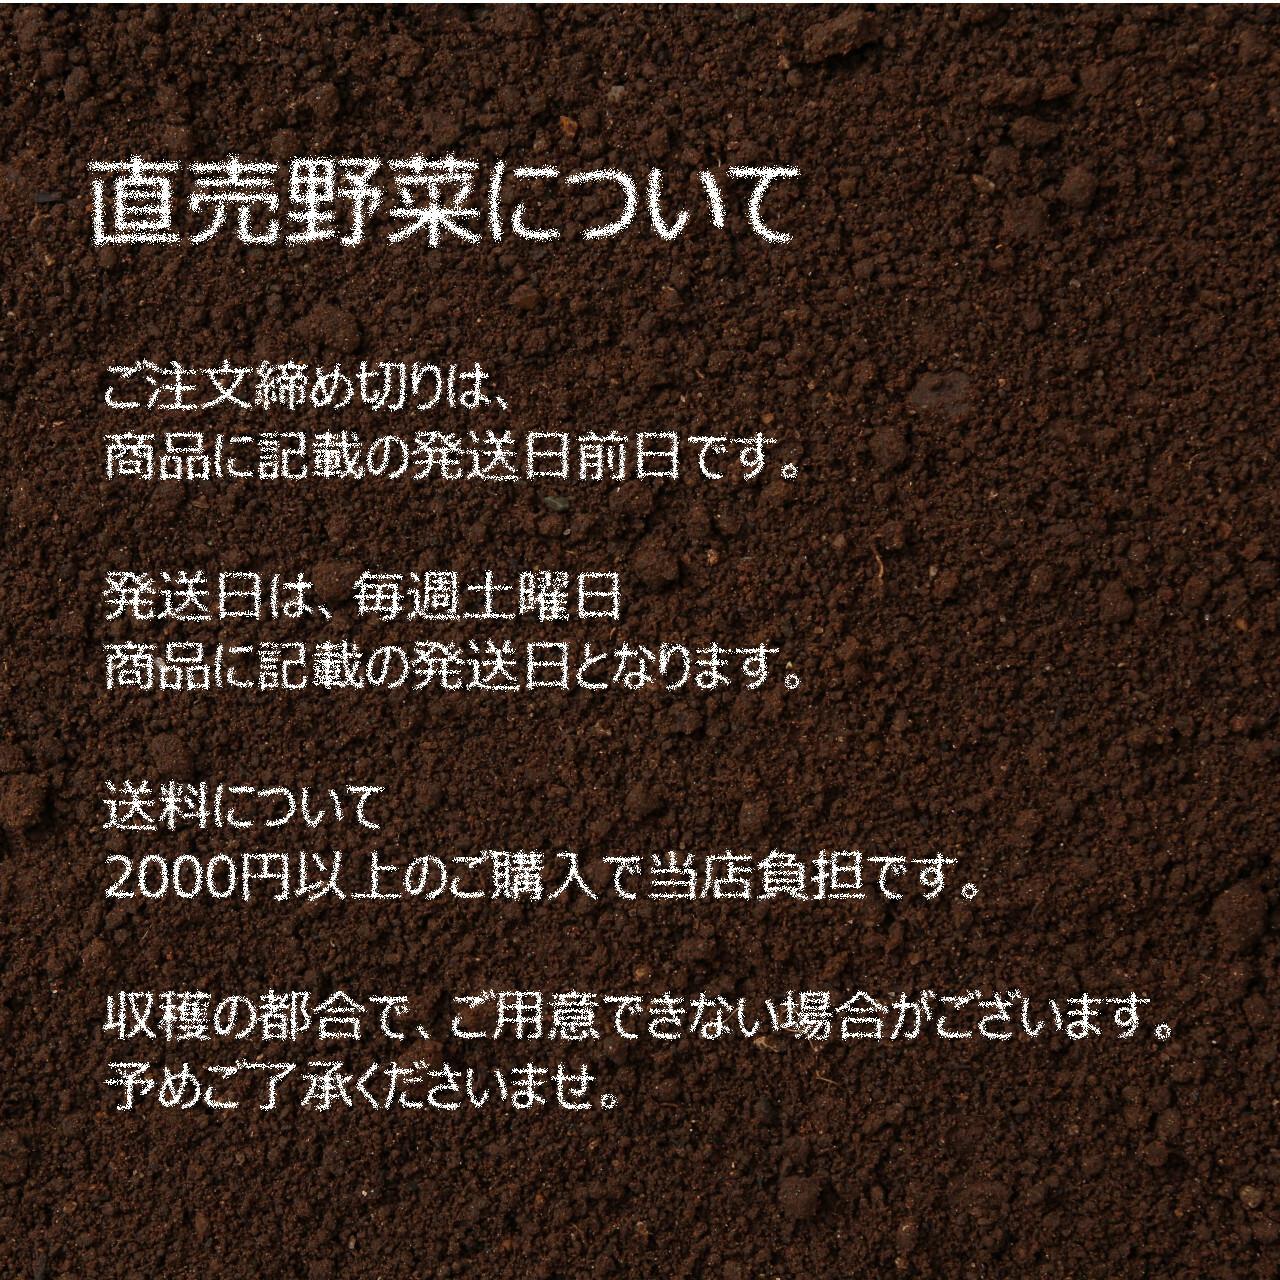 春の新鮮野菜 大根菜 約300g: 5月の朝採り直売野菜 5月30日発送予定